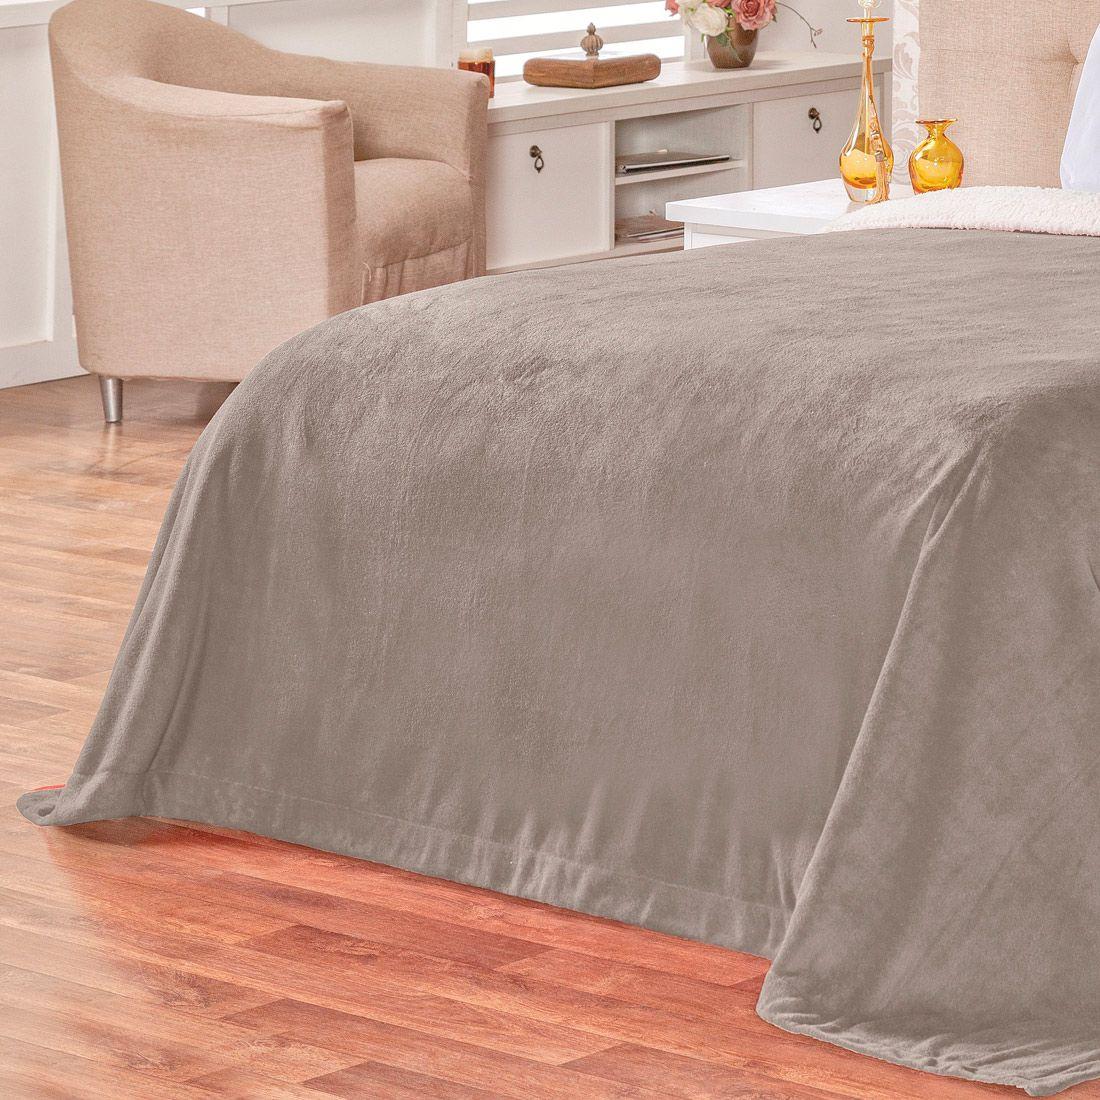 Cobertor Malmo Cinza Dupla Face Queen - Tecido Sherpa e Manta Microfibra